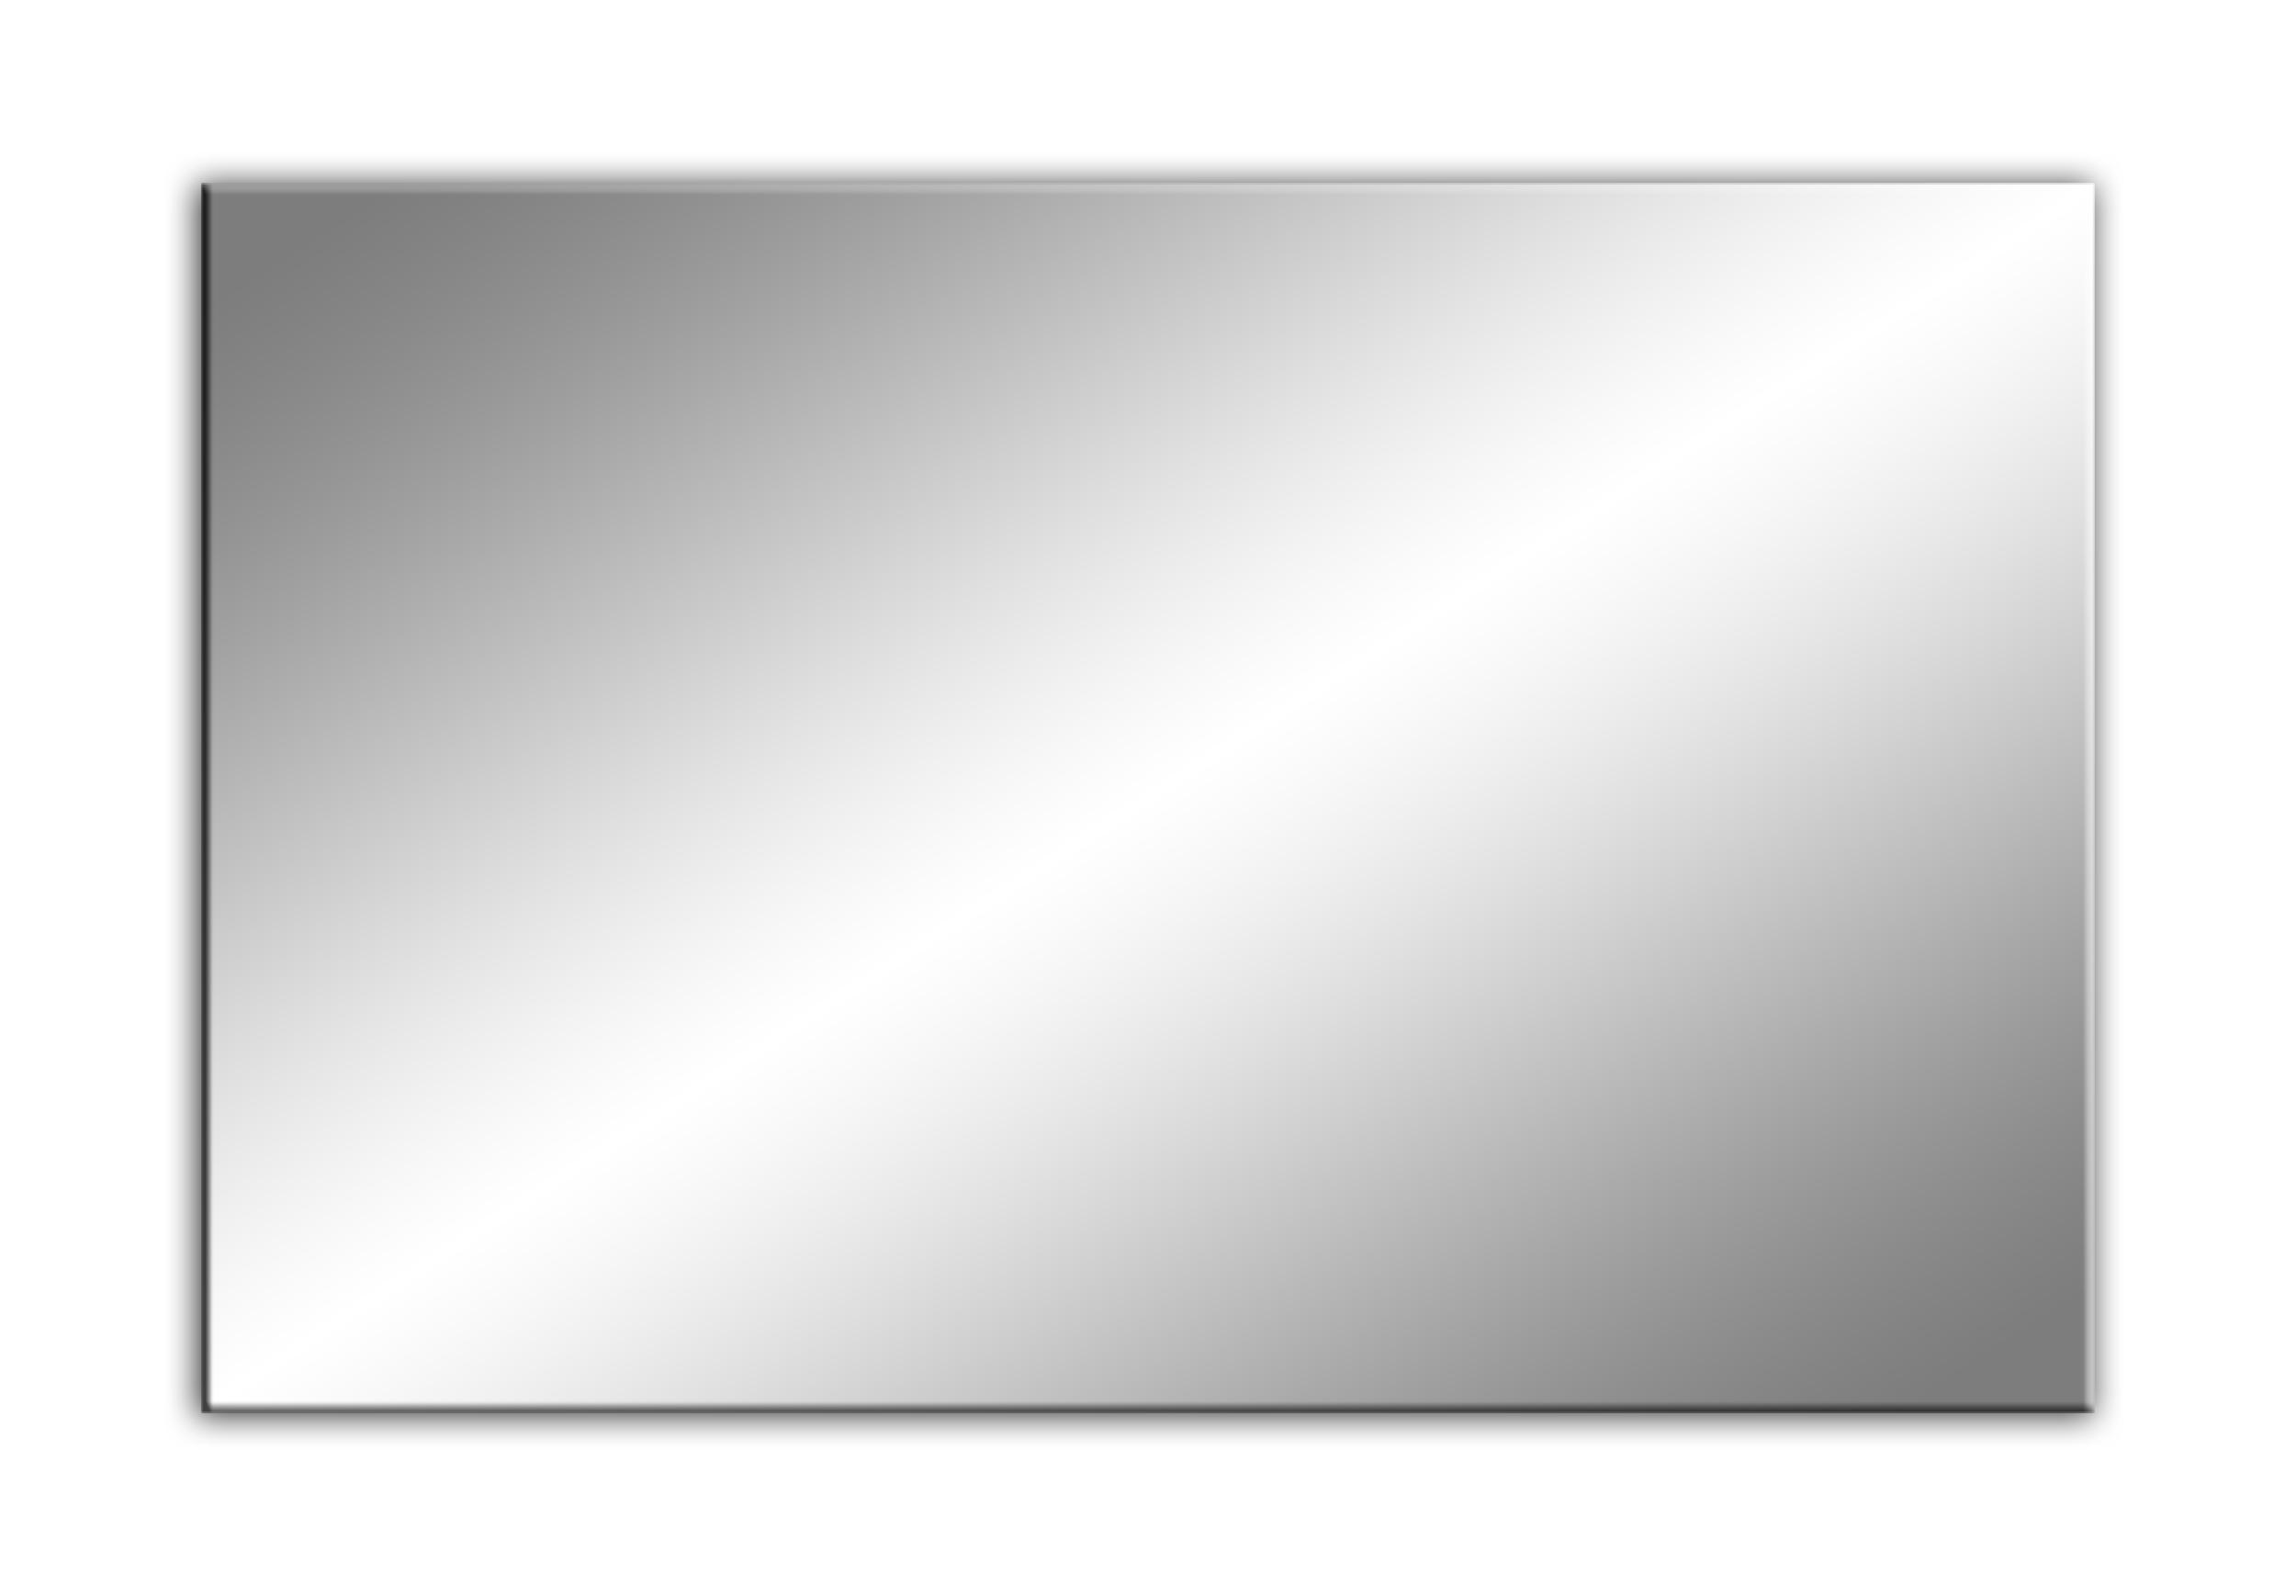 Zrkadlová trať s brúskou + formáty POLER 50X40 10